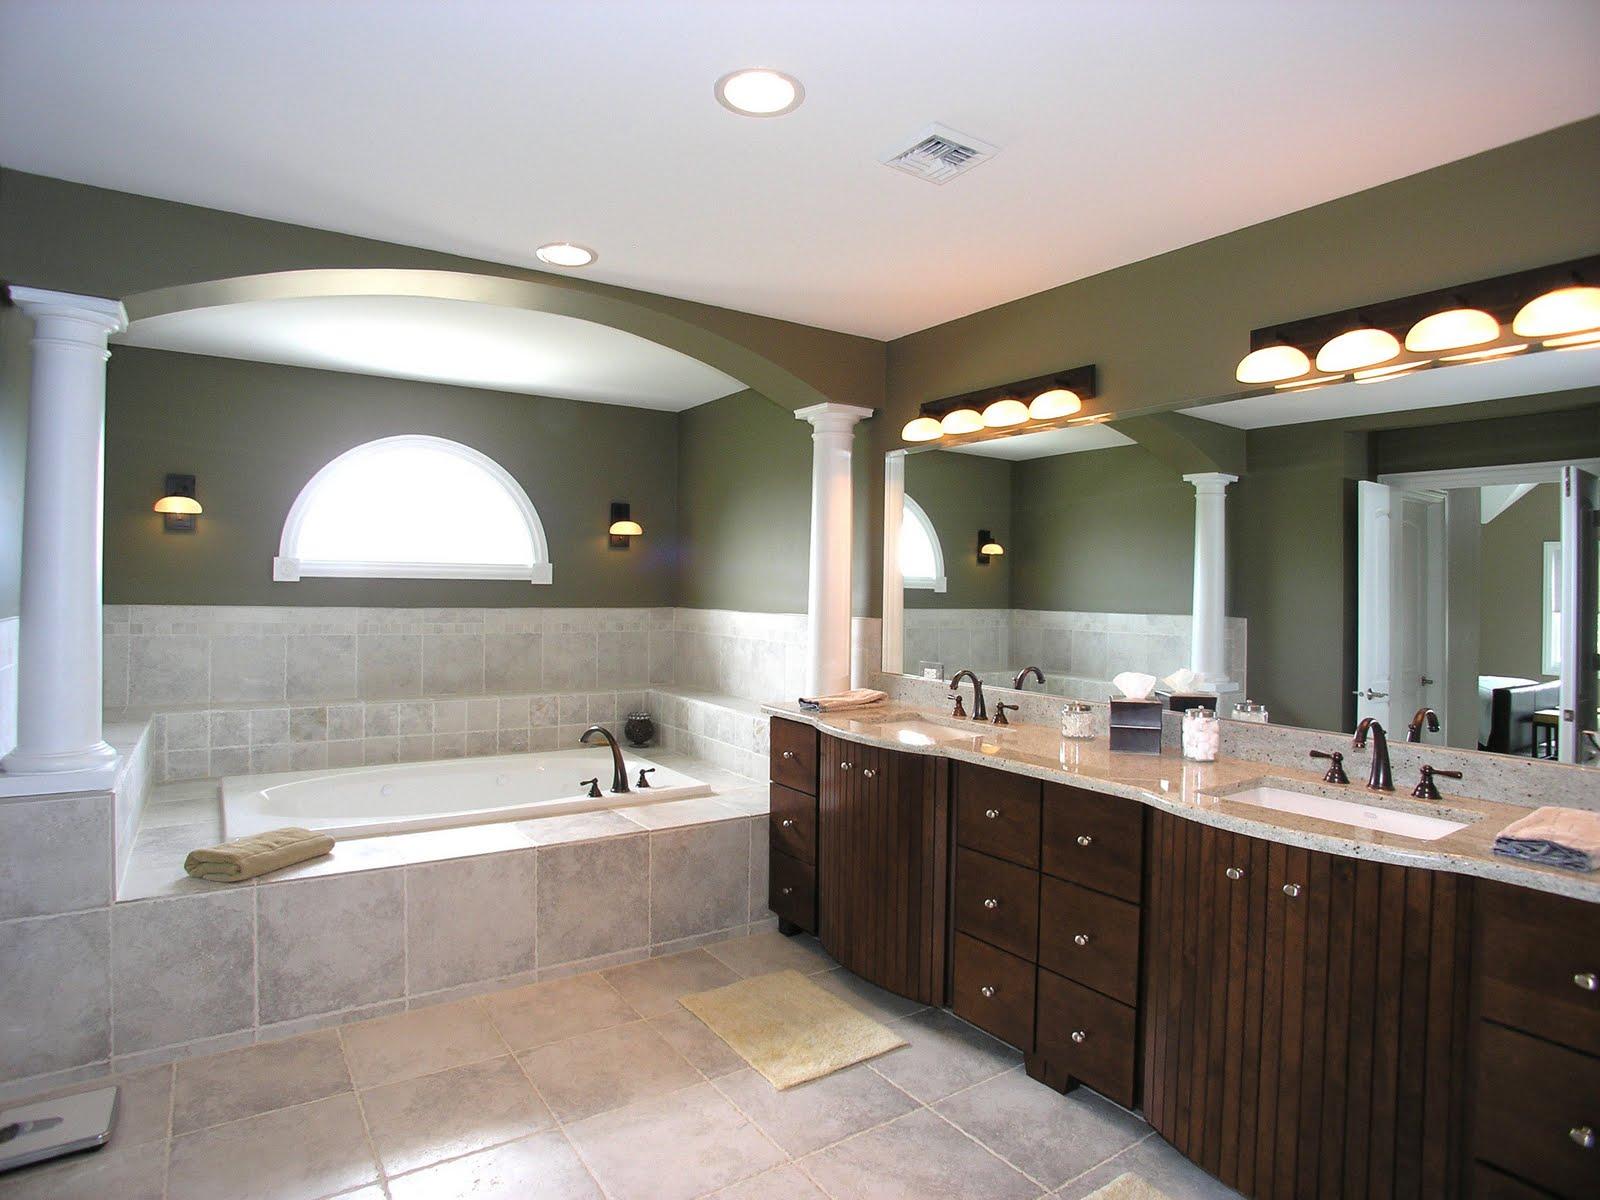 Красивое теплое освещение в ванной комнате